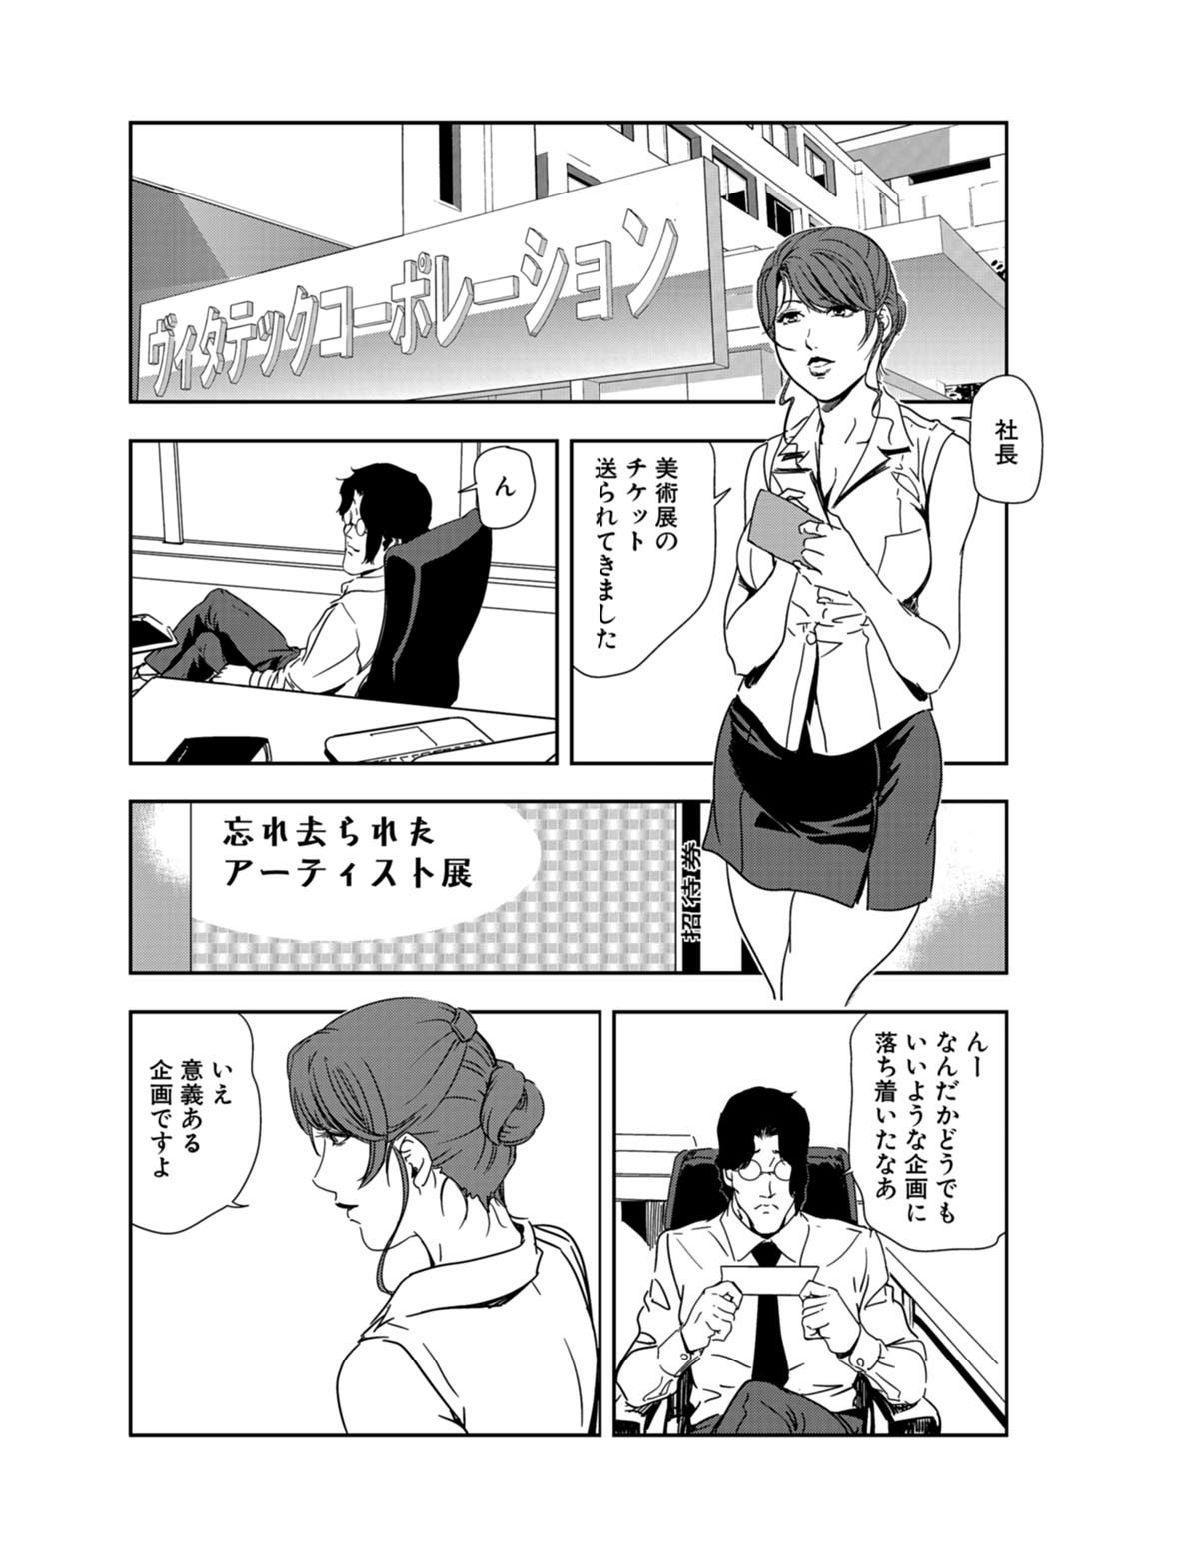 Nikuhisyo Yukiko 21 101